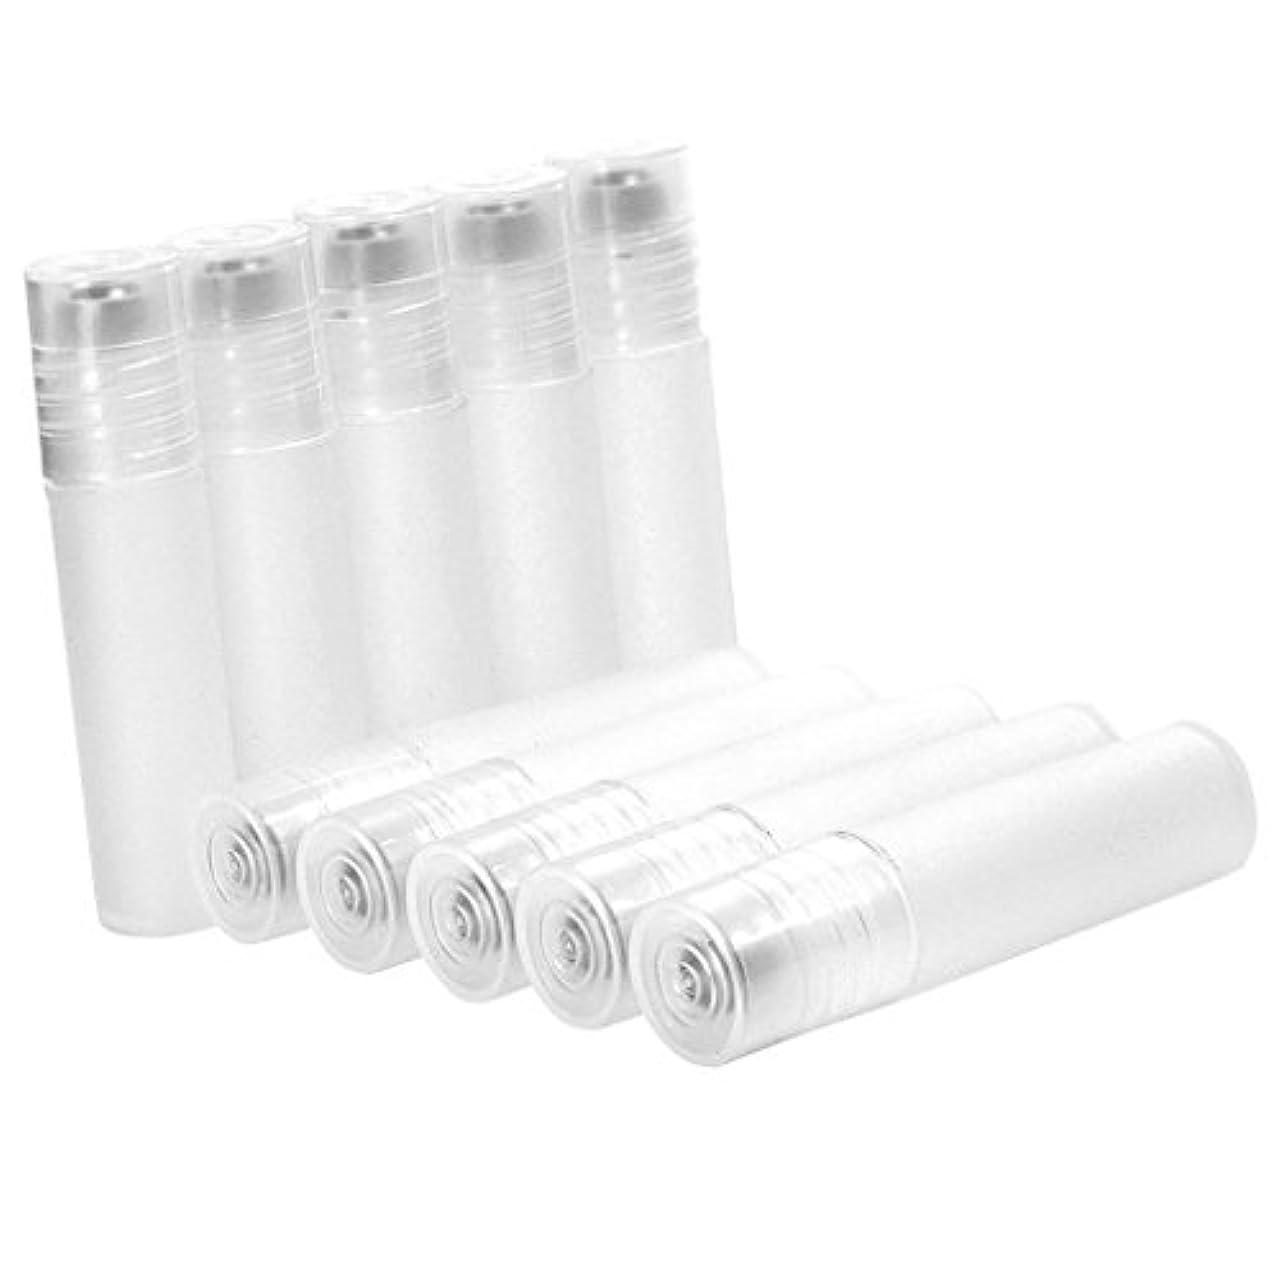 政治家の見込み磨かれたFenteer 10本セット 空ボトル 香水 クリーム 液体 リフィルボトル 詰め替え 5ml ミニサイズ